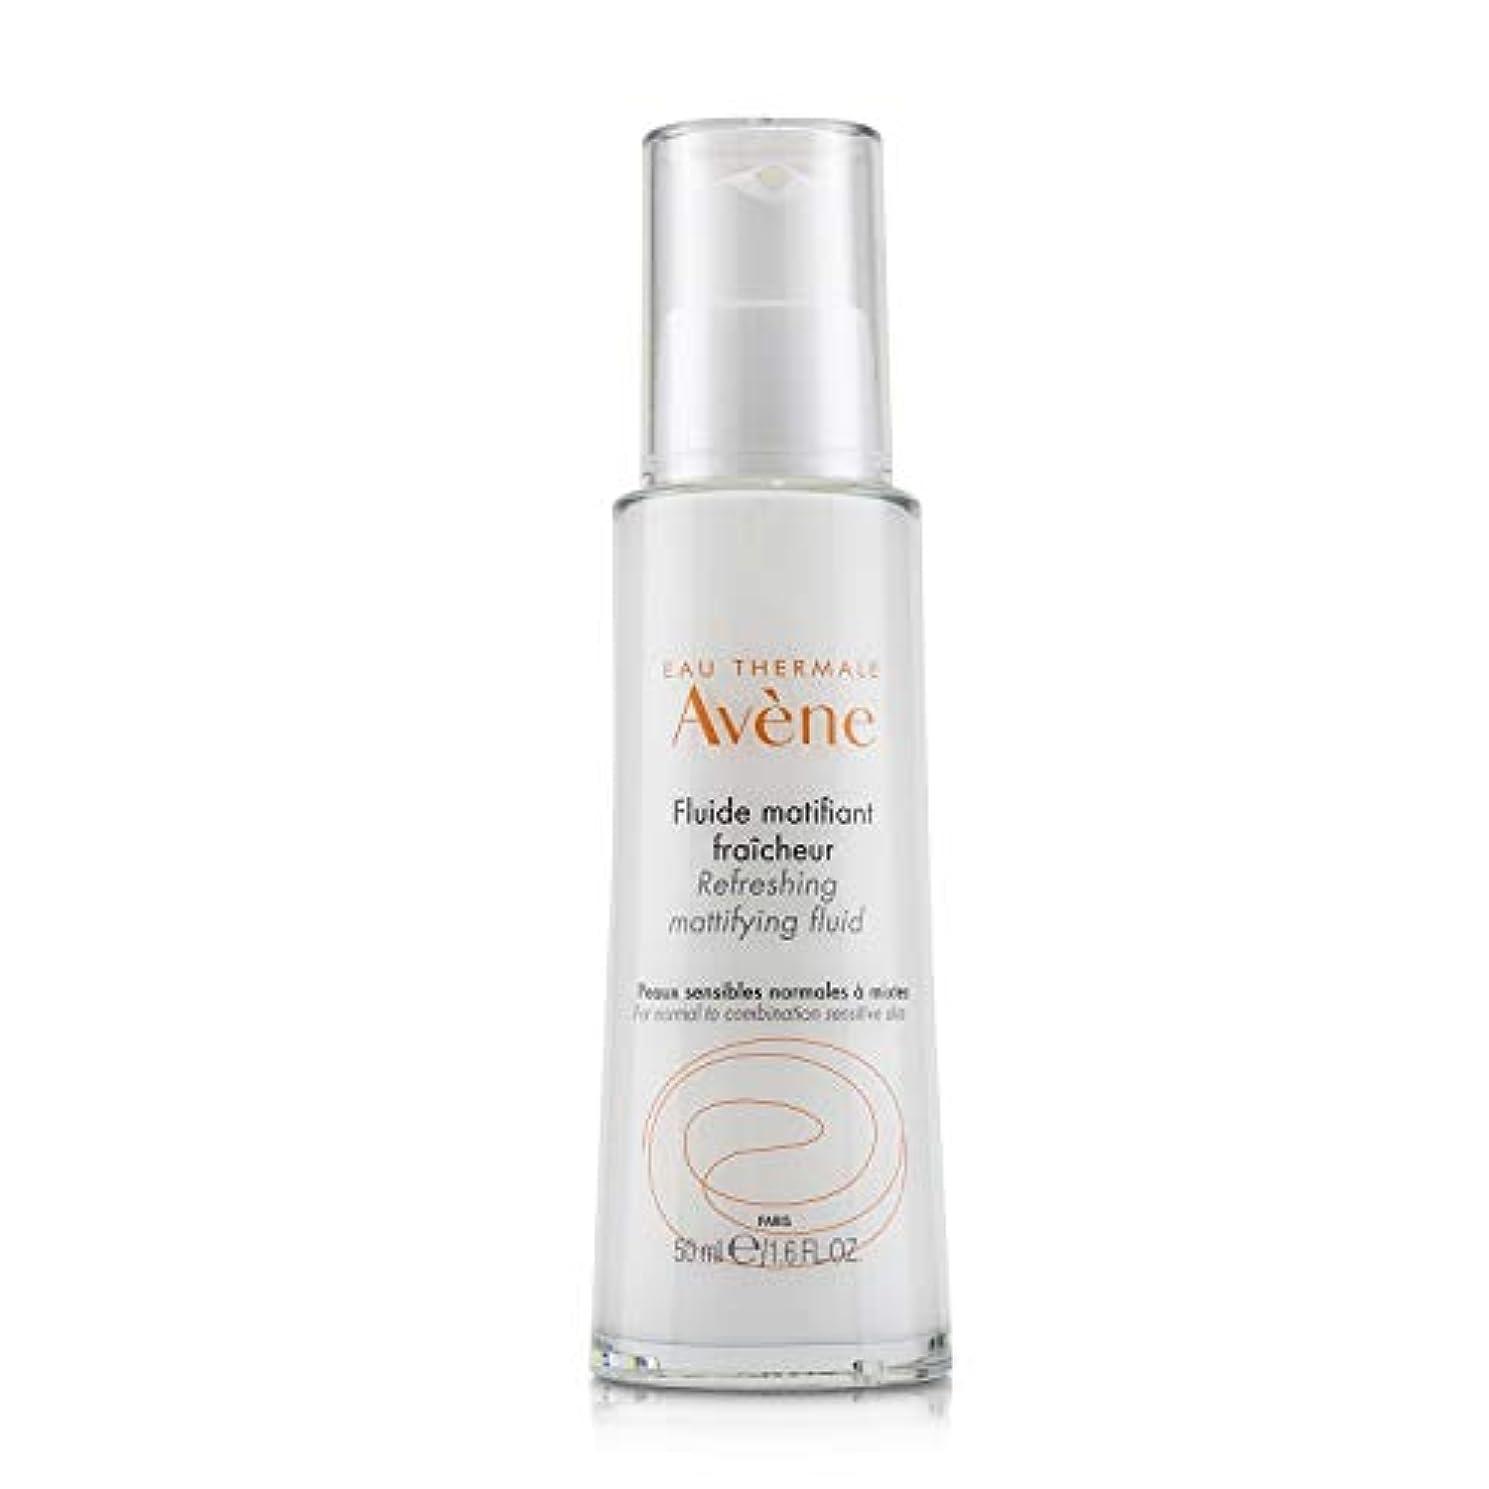 アベンヌ Refreshing Mattifying Fluid - For Normal to Combination Sensitive Skin 50ml/1.6oz並行輸入品